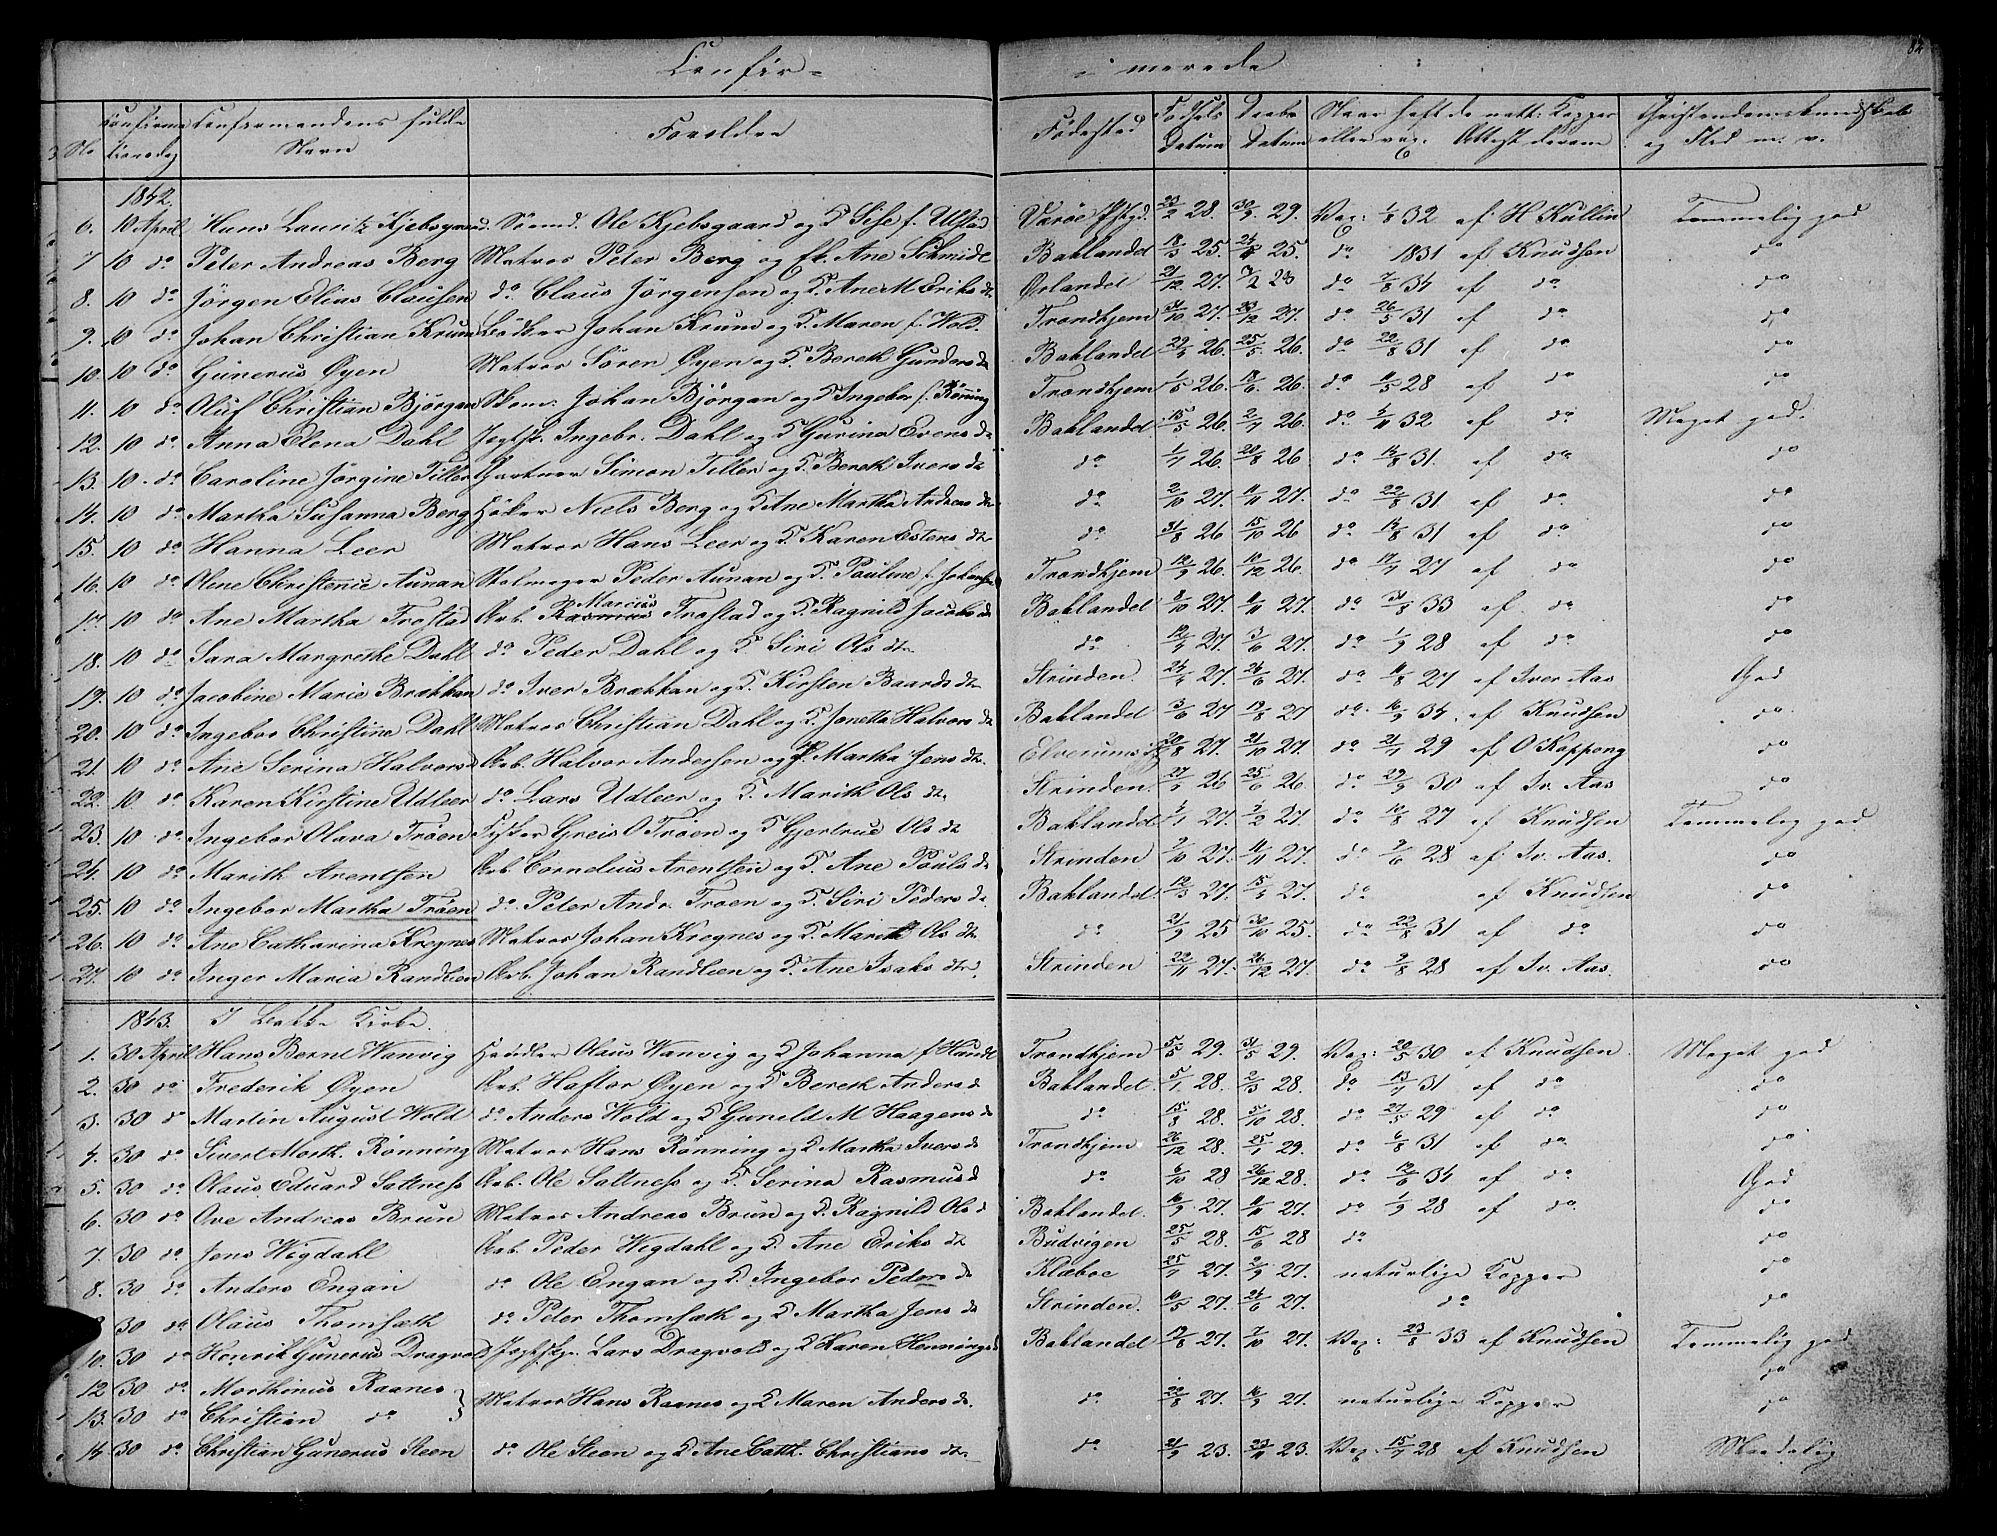 SAT, Ministerialprotokoller, klokkerbøker og fødselsregistre - Sør-Trøndelag, 604/L0182: Ministerialbok nr. 604A03, 1818-1850, s. 82